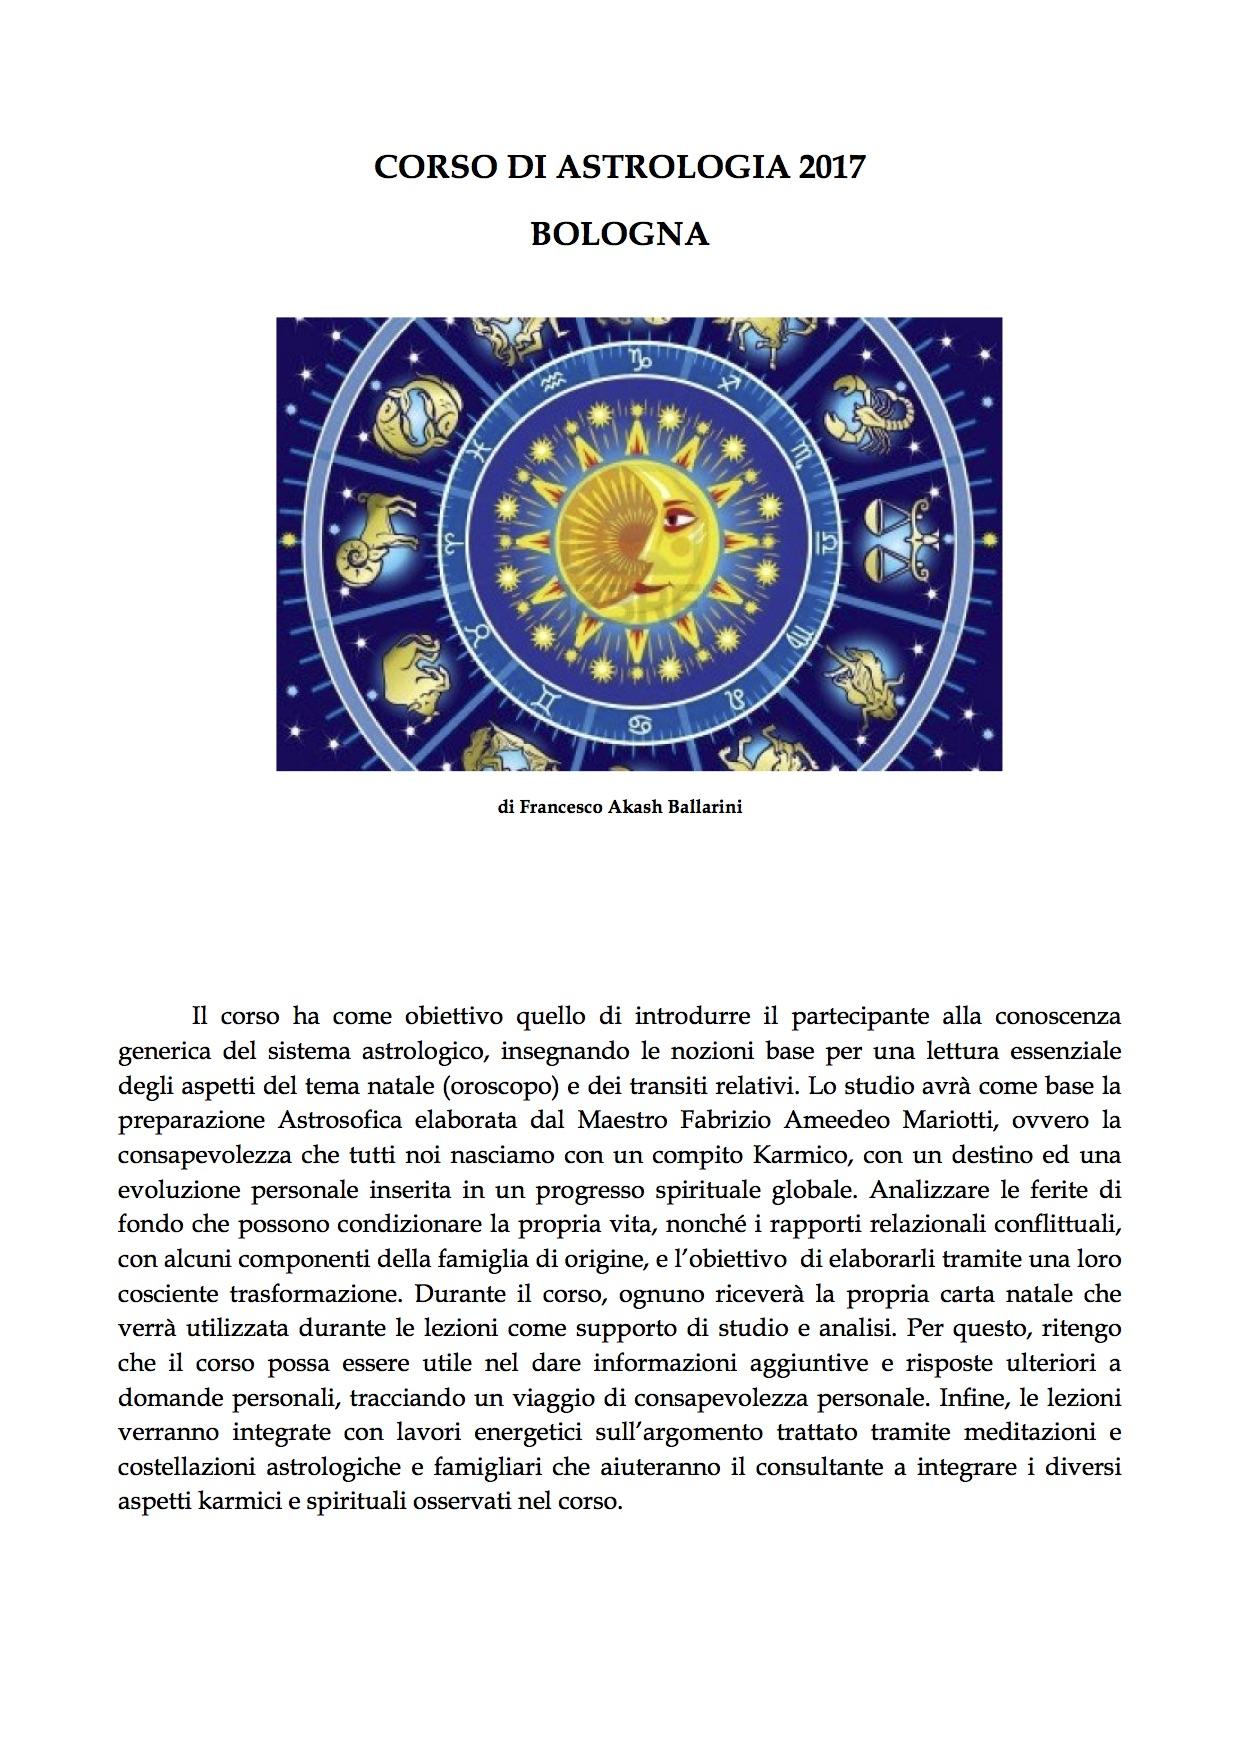 CORSO DI ASTROLOGIA Bologna 2